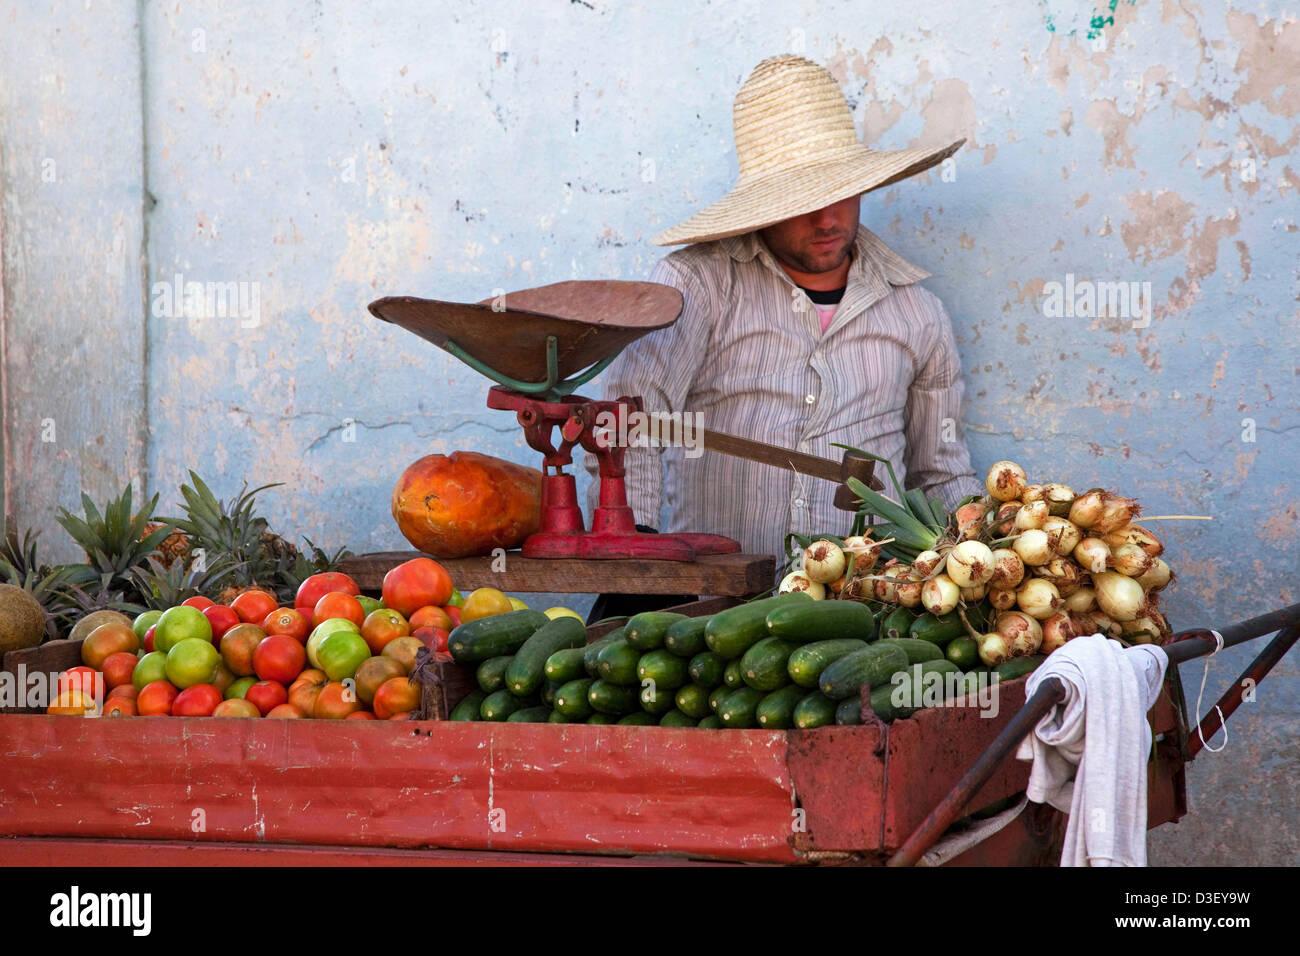 Kubanischen Anbieter verkaufen frisches Obst und Gemüse am Markt stall in Viñales, Kuba, Karibik Stockbild